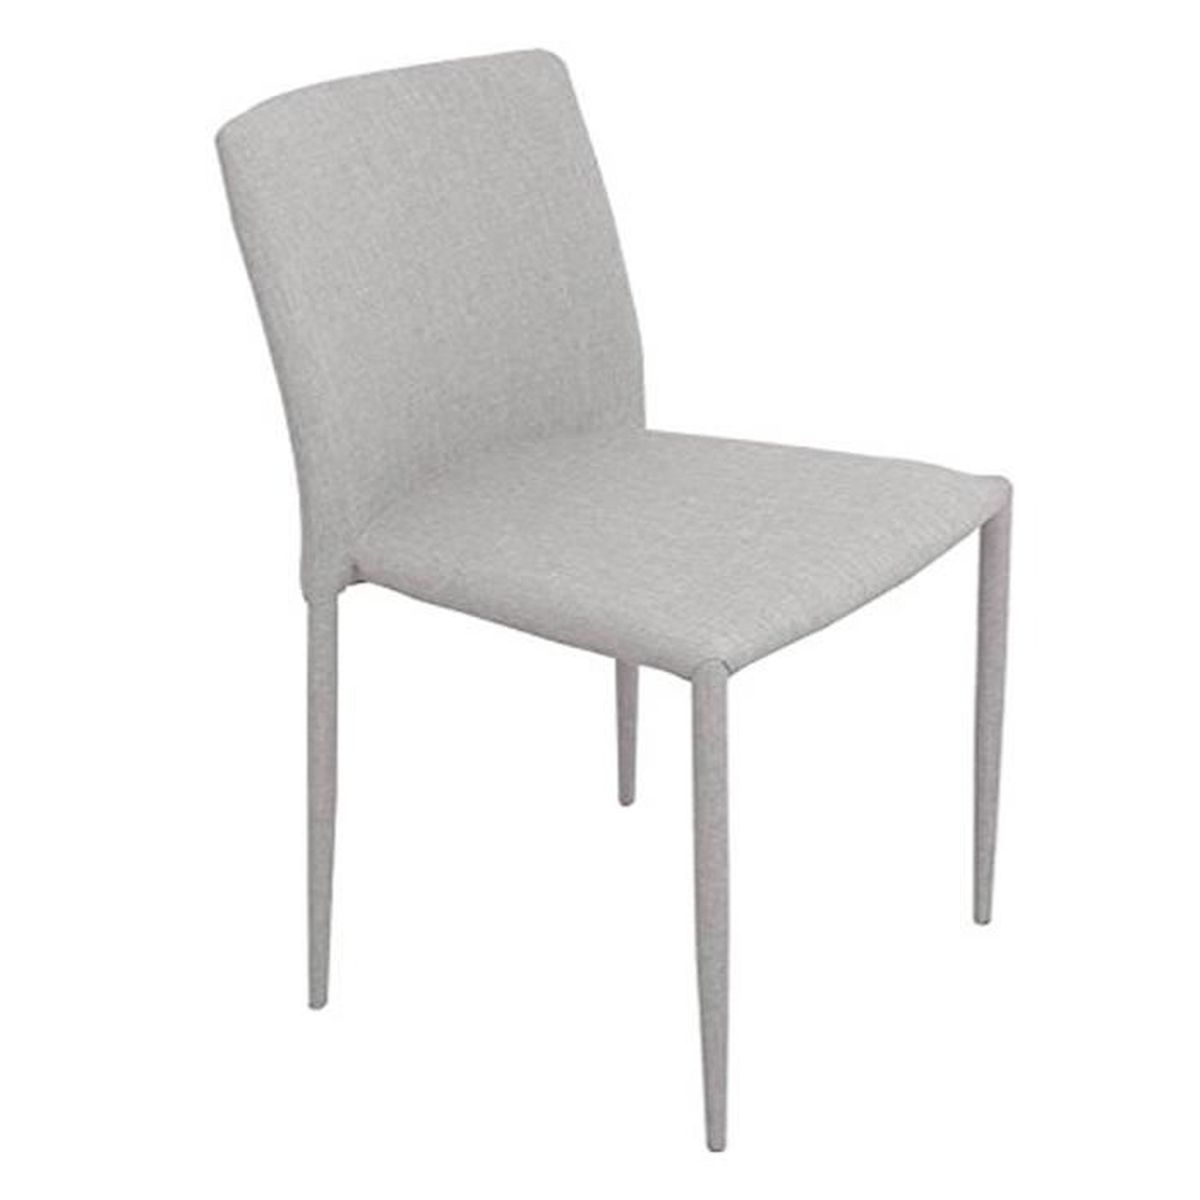 Lot de 4 chaises tissu suzy taupe achat vente chaise - Ajouter peu doriginalite interieur les chaises tolix ...